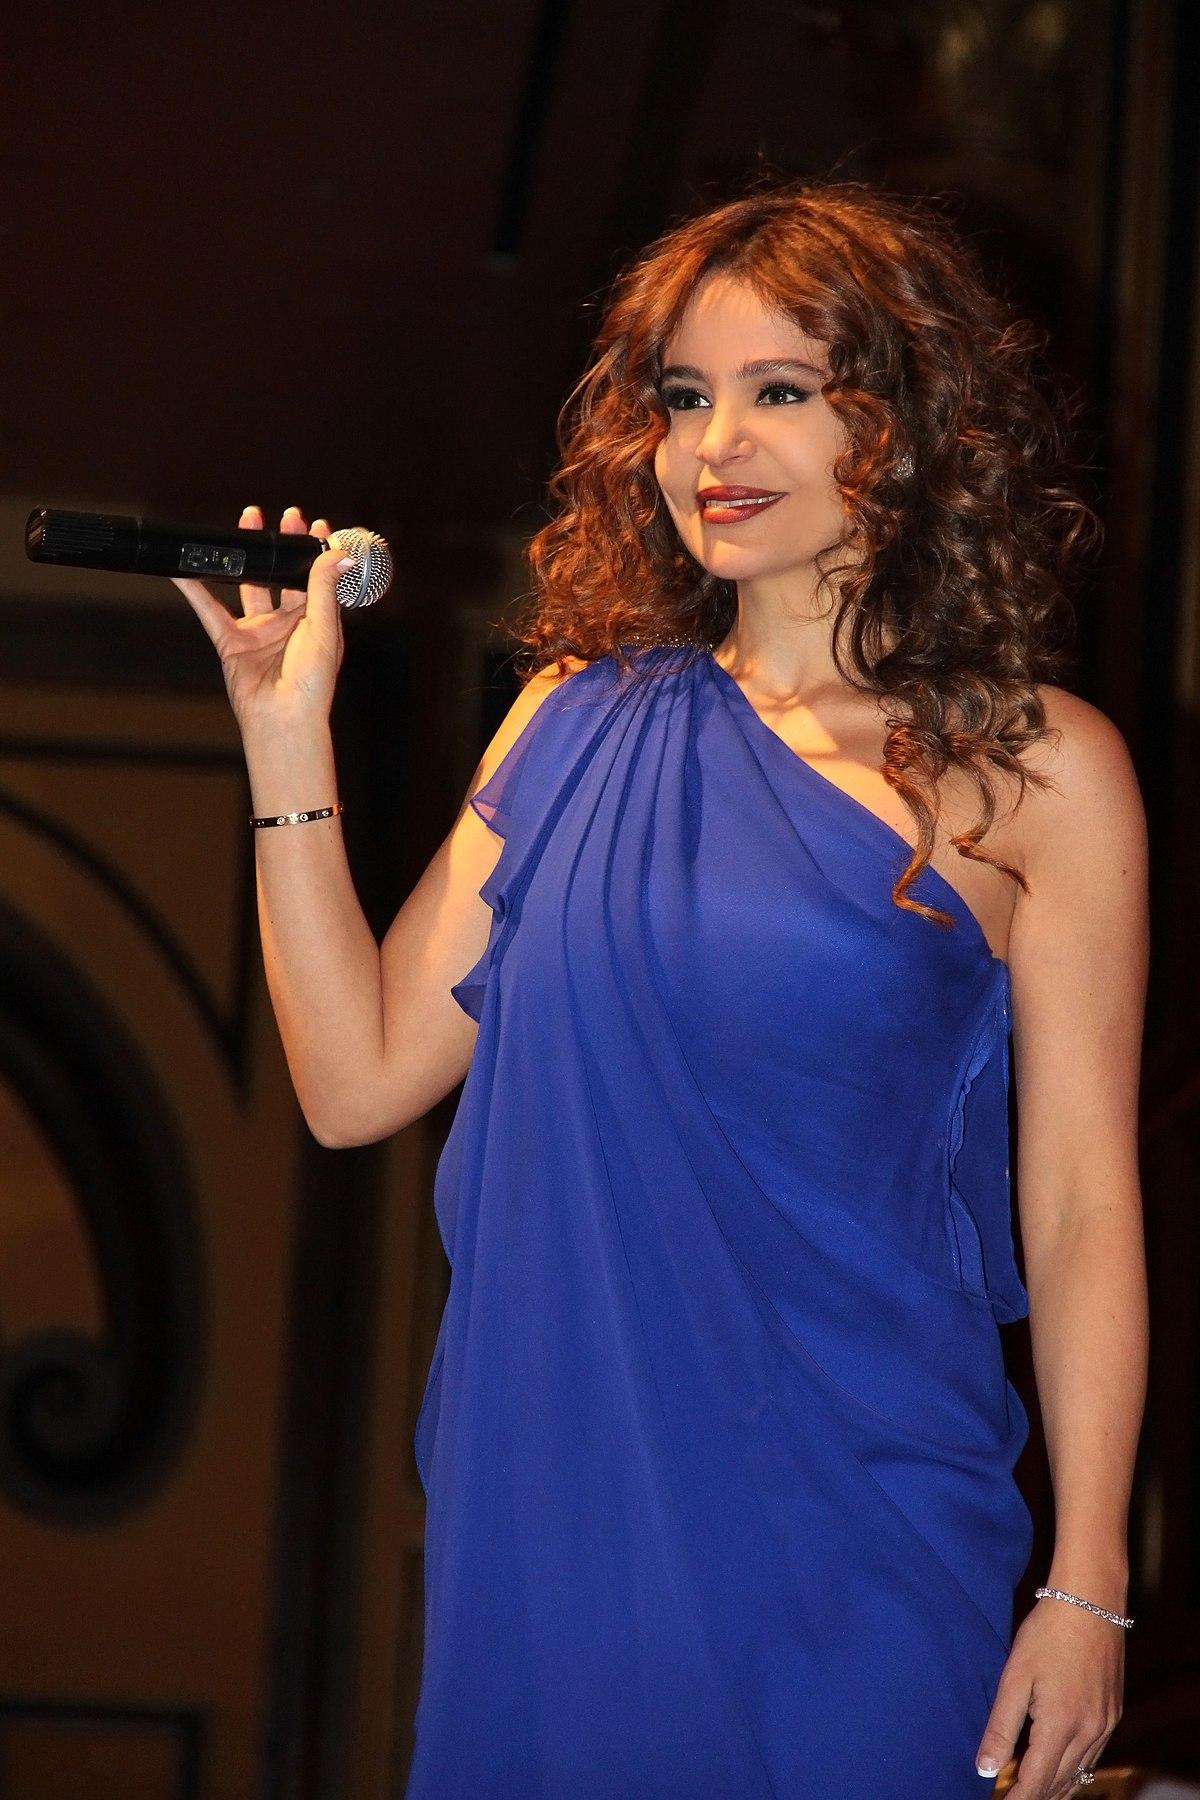 Carole Samaha Wikipedia